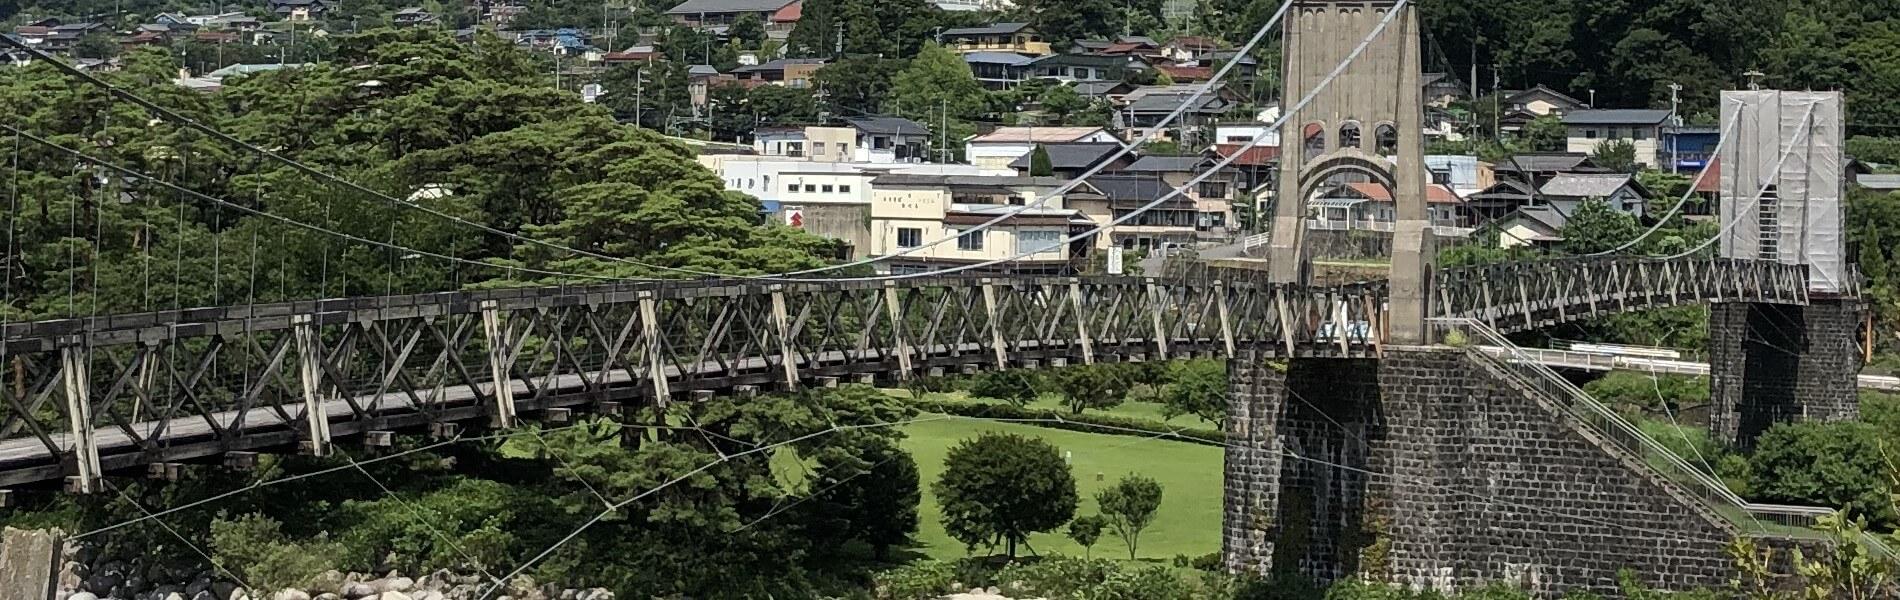 南木曽町のシンボル 桃介橋